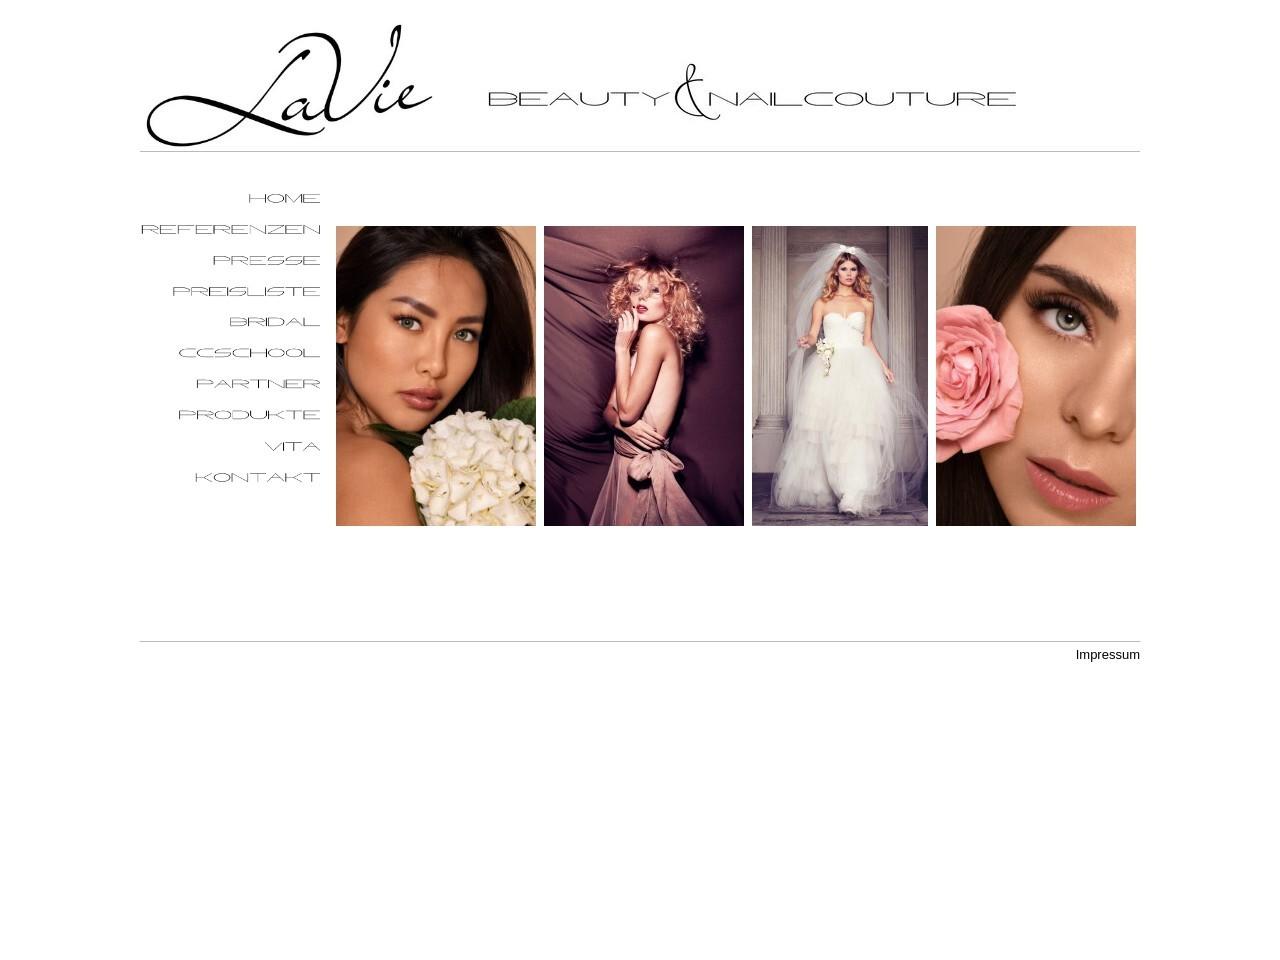 La Vie – Beauty & Nailcouture